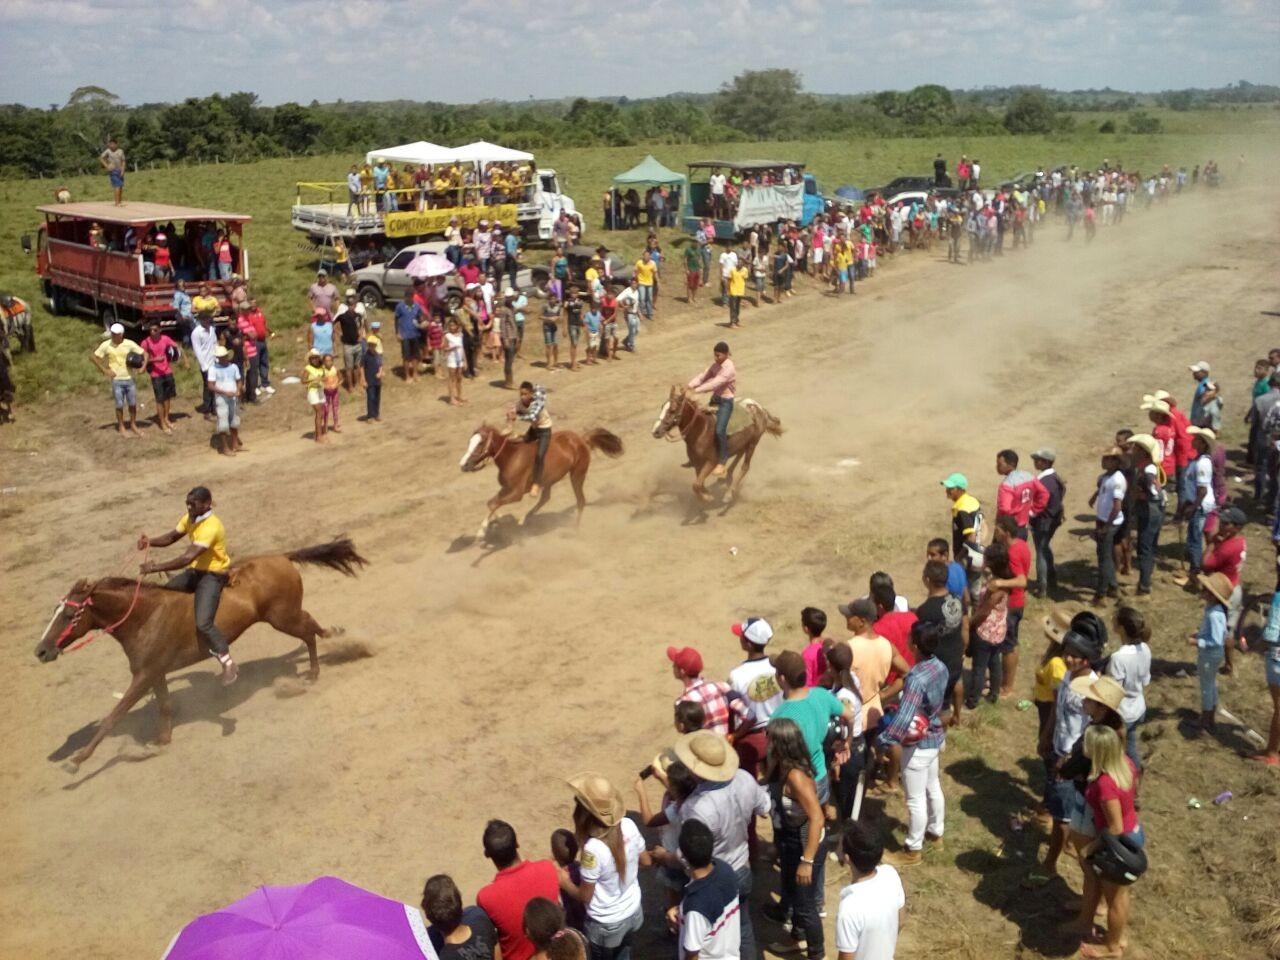 Cavalgada abre comemorações do aniversário de 27 anos de Rodrigues Alves, no Acre - Notícias - Plantão Diário